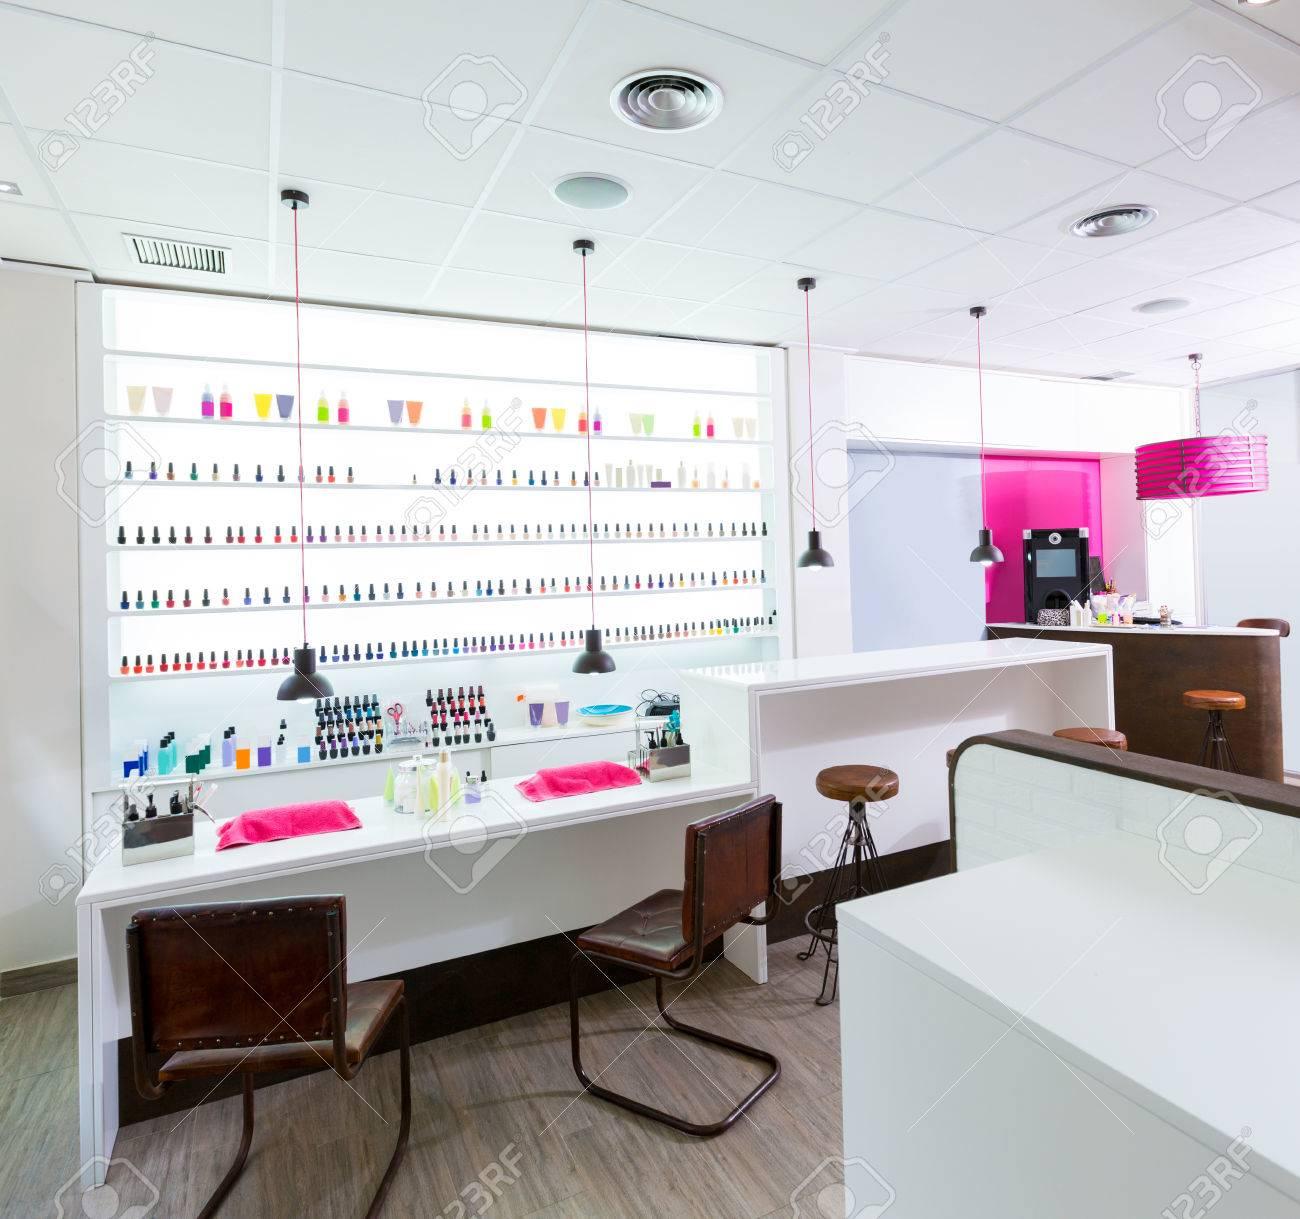 Ongles et pédicure salon moderne avec du vernis à ongles coloré dans une  rangée sur fond blanc